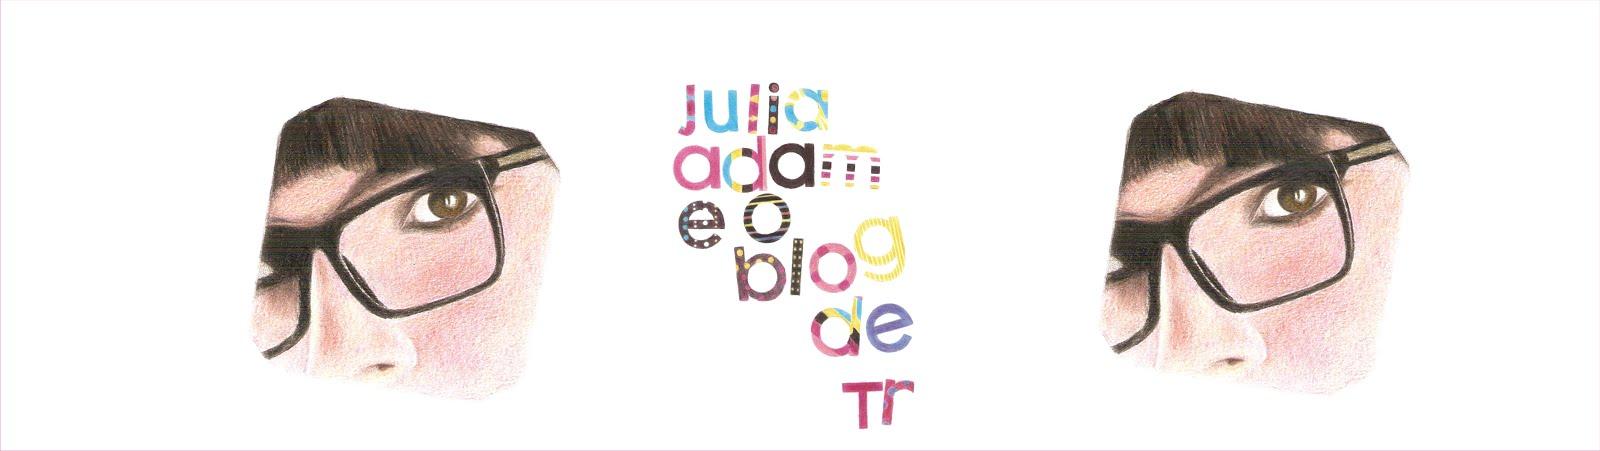 Júlia Adam e o Blog de TR